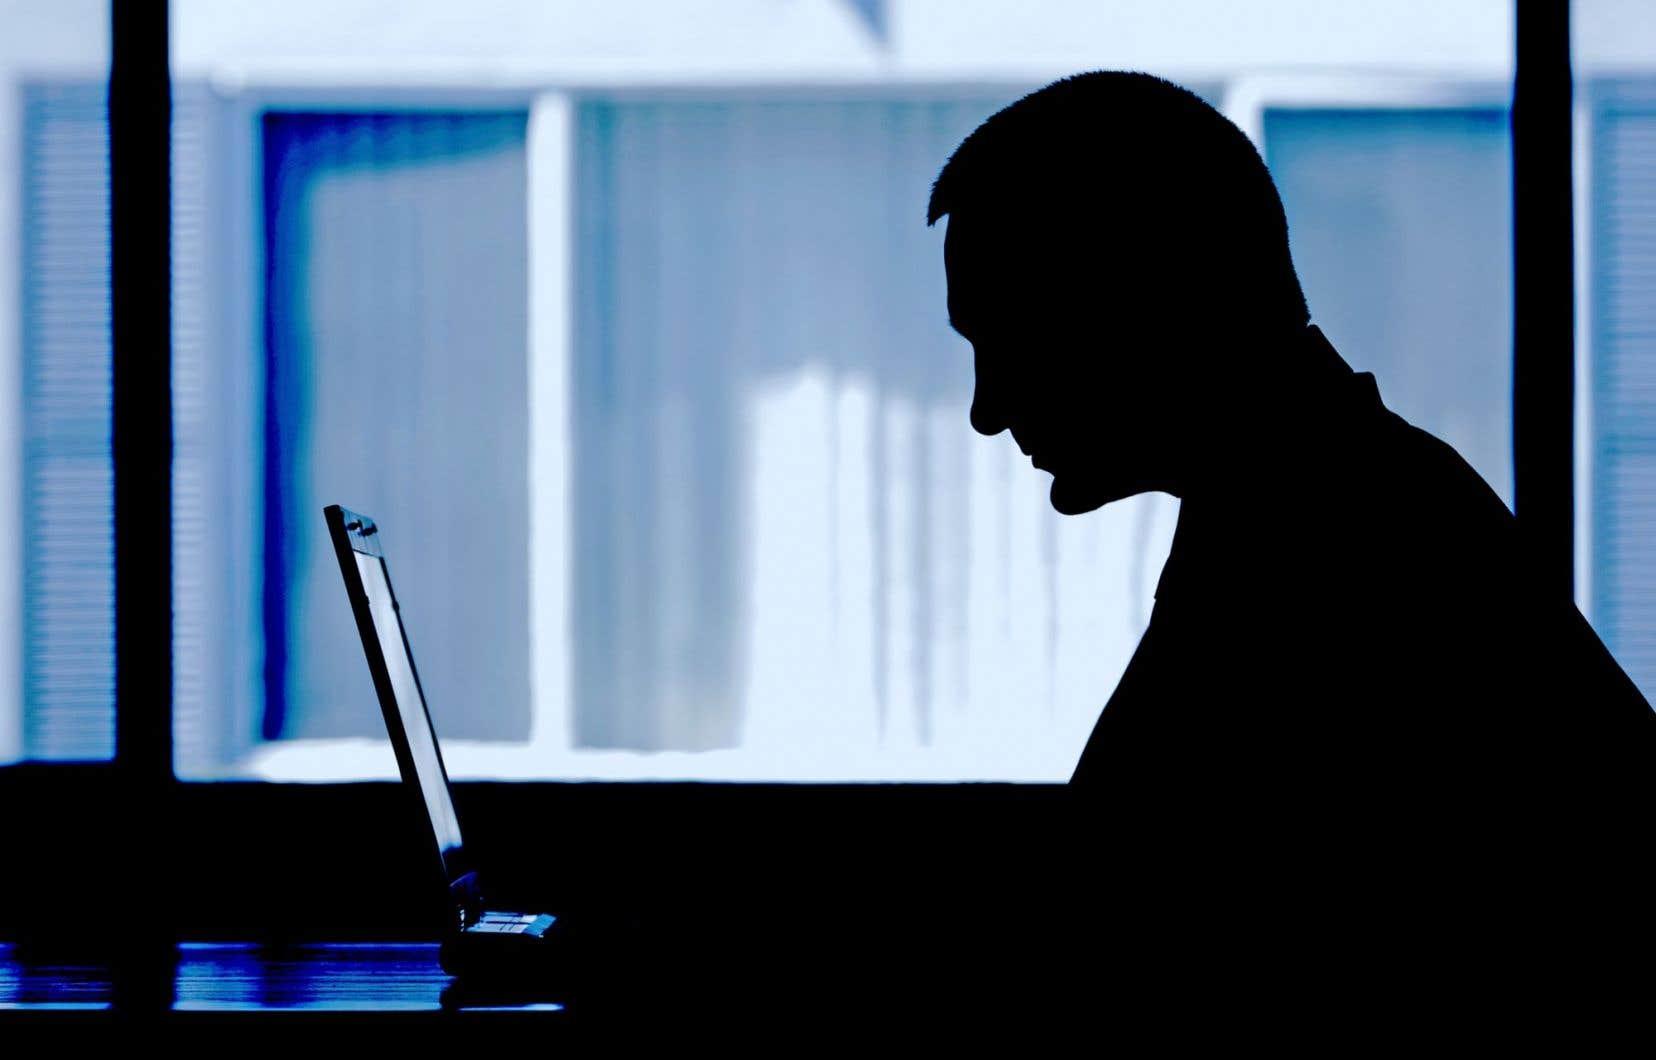 L'Association canadienne des chefs de police estime que les criminels ont de plus en plus recours au chiffrement pour dissimuler leurs activités illicites en ligne.